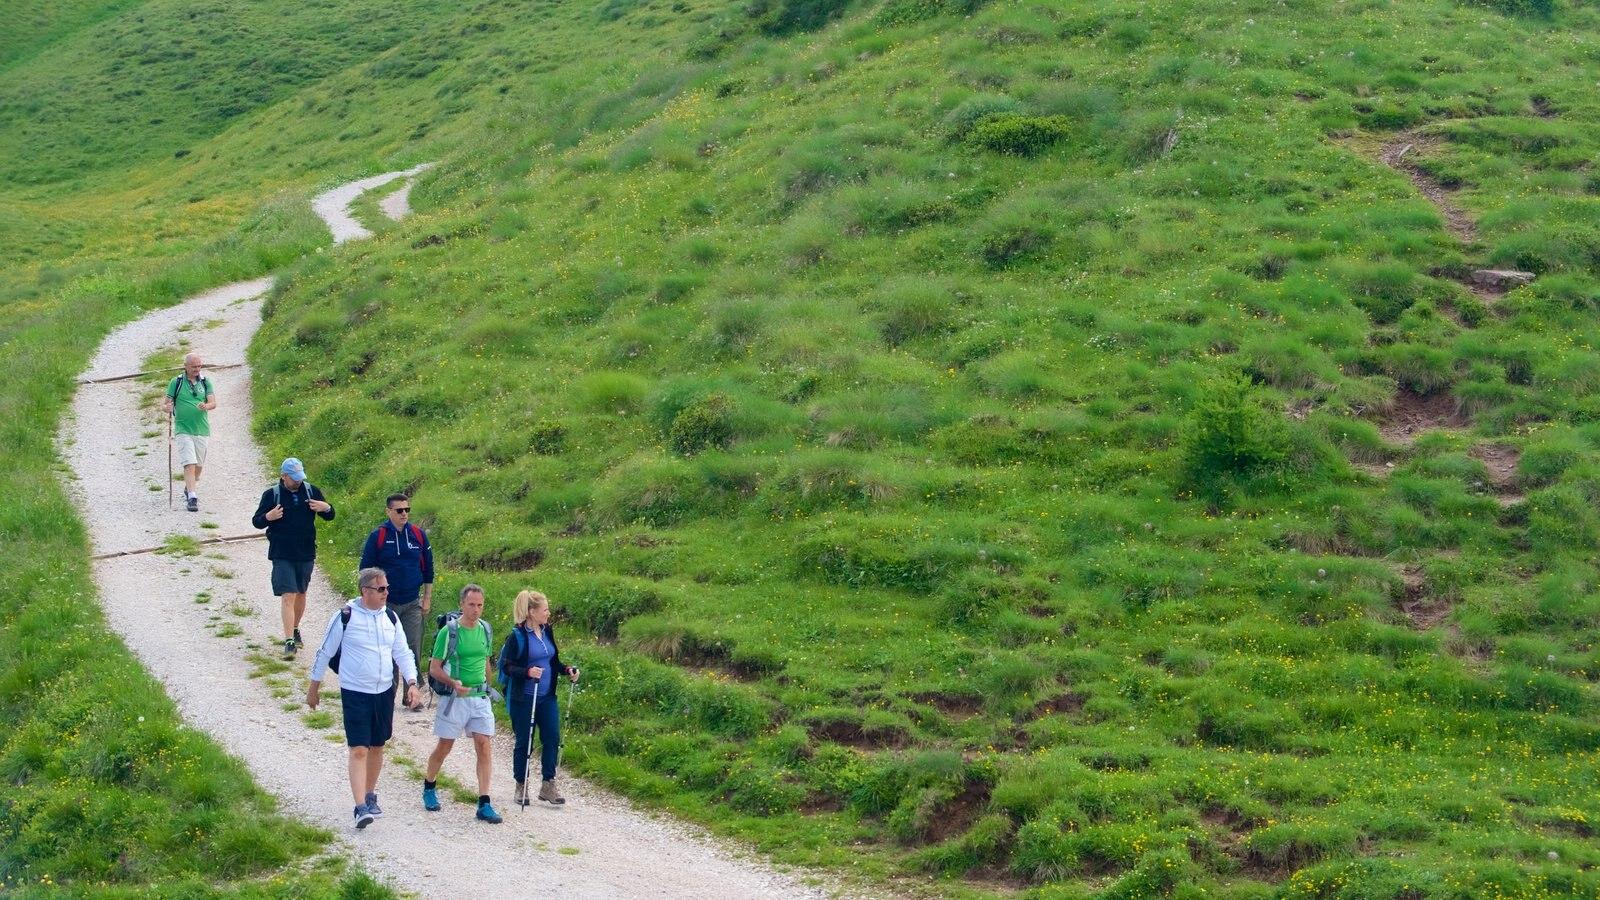 Passo Rolle ofreciendo senderismo o caminata y también un pequeño grupo de personas